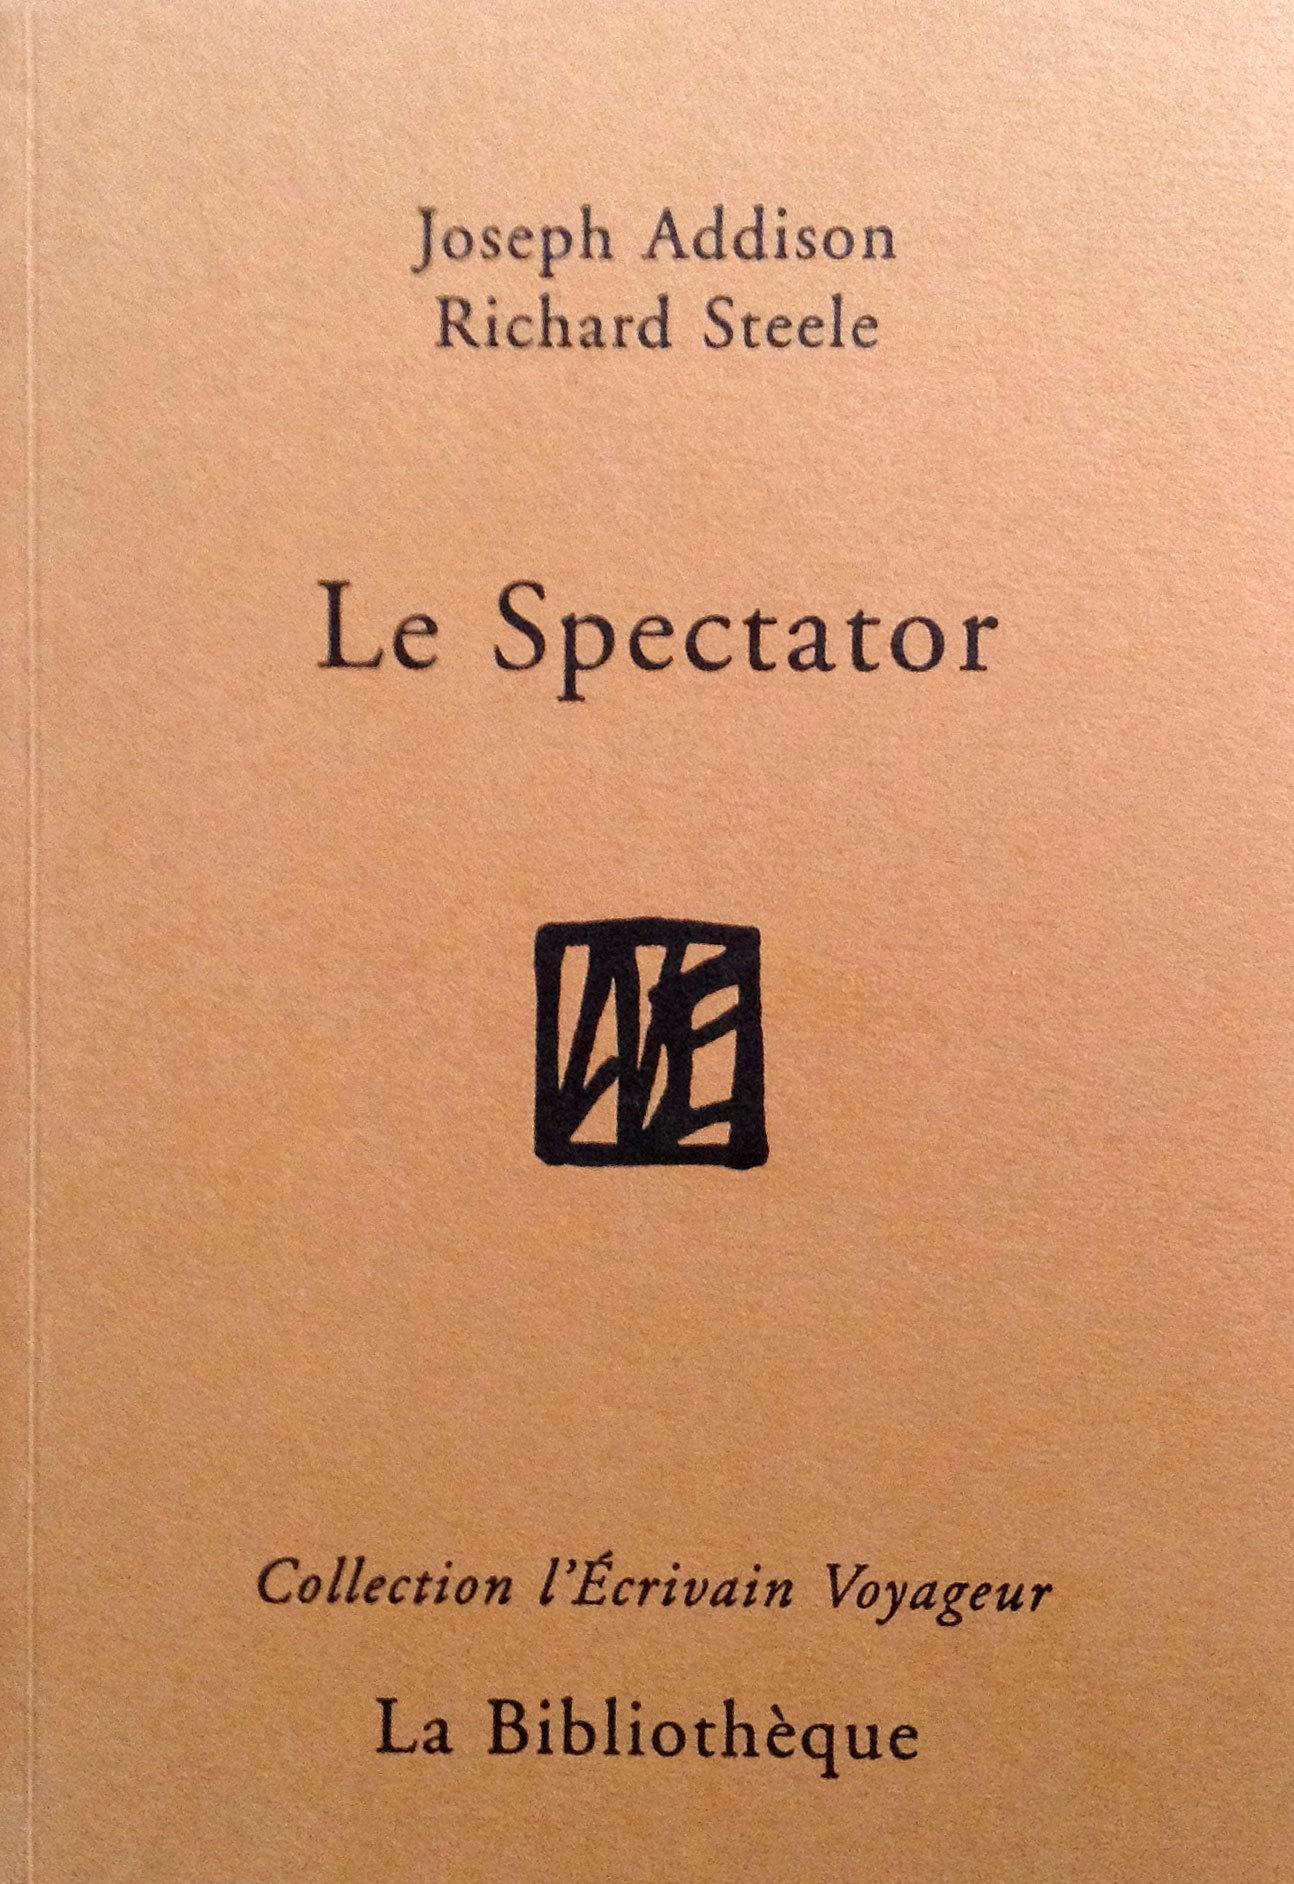 Le Spectator